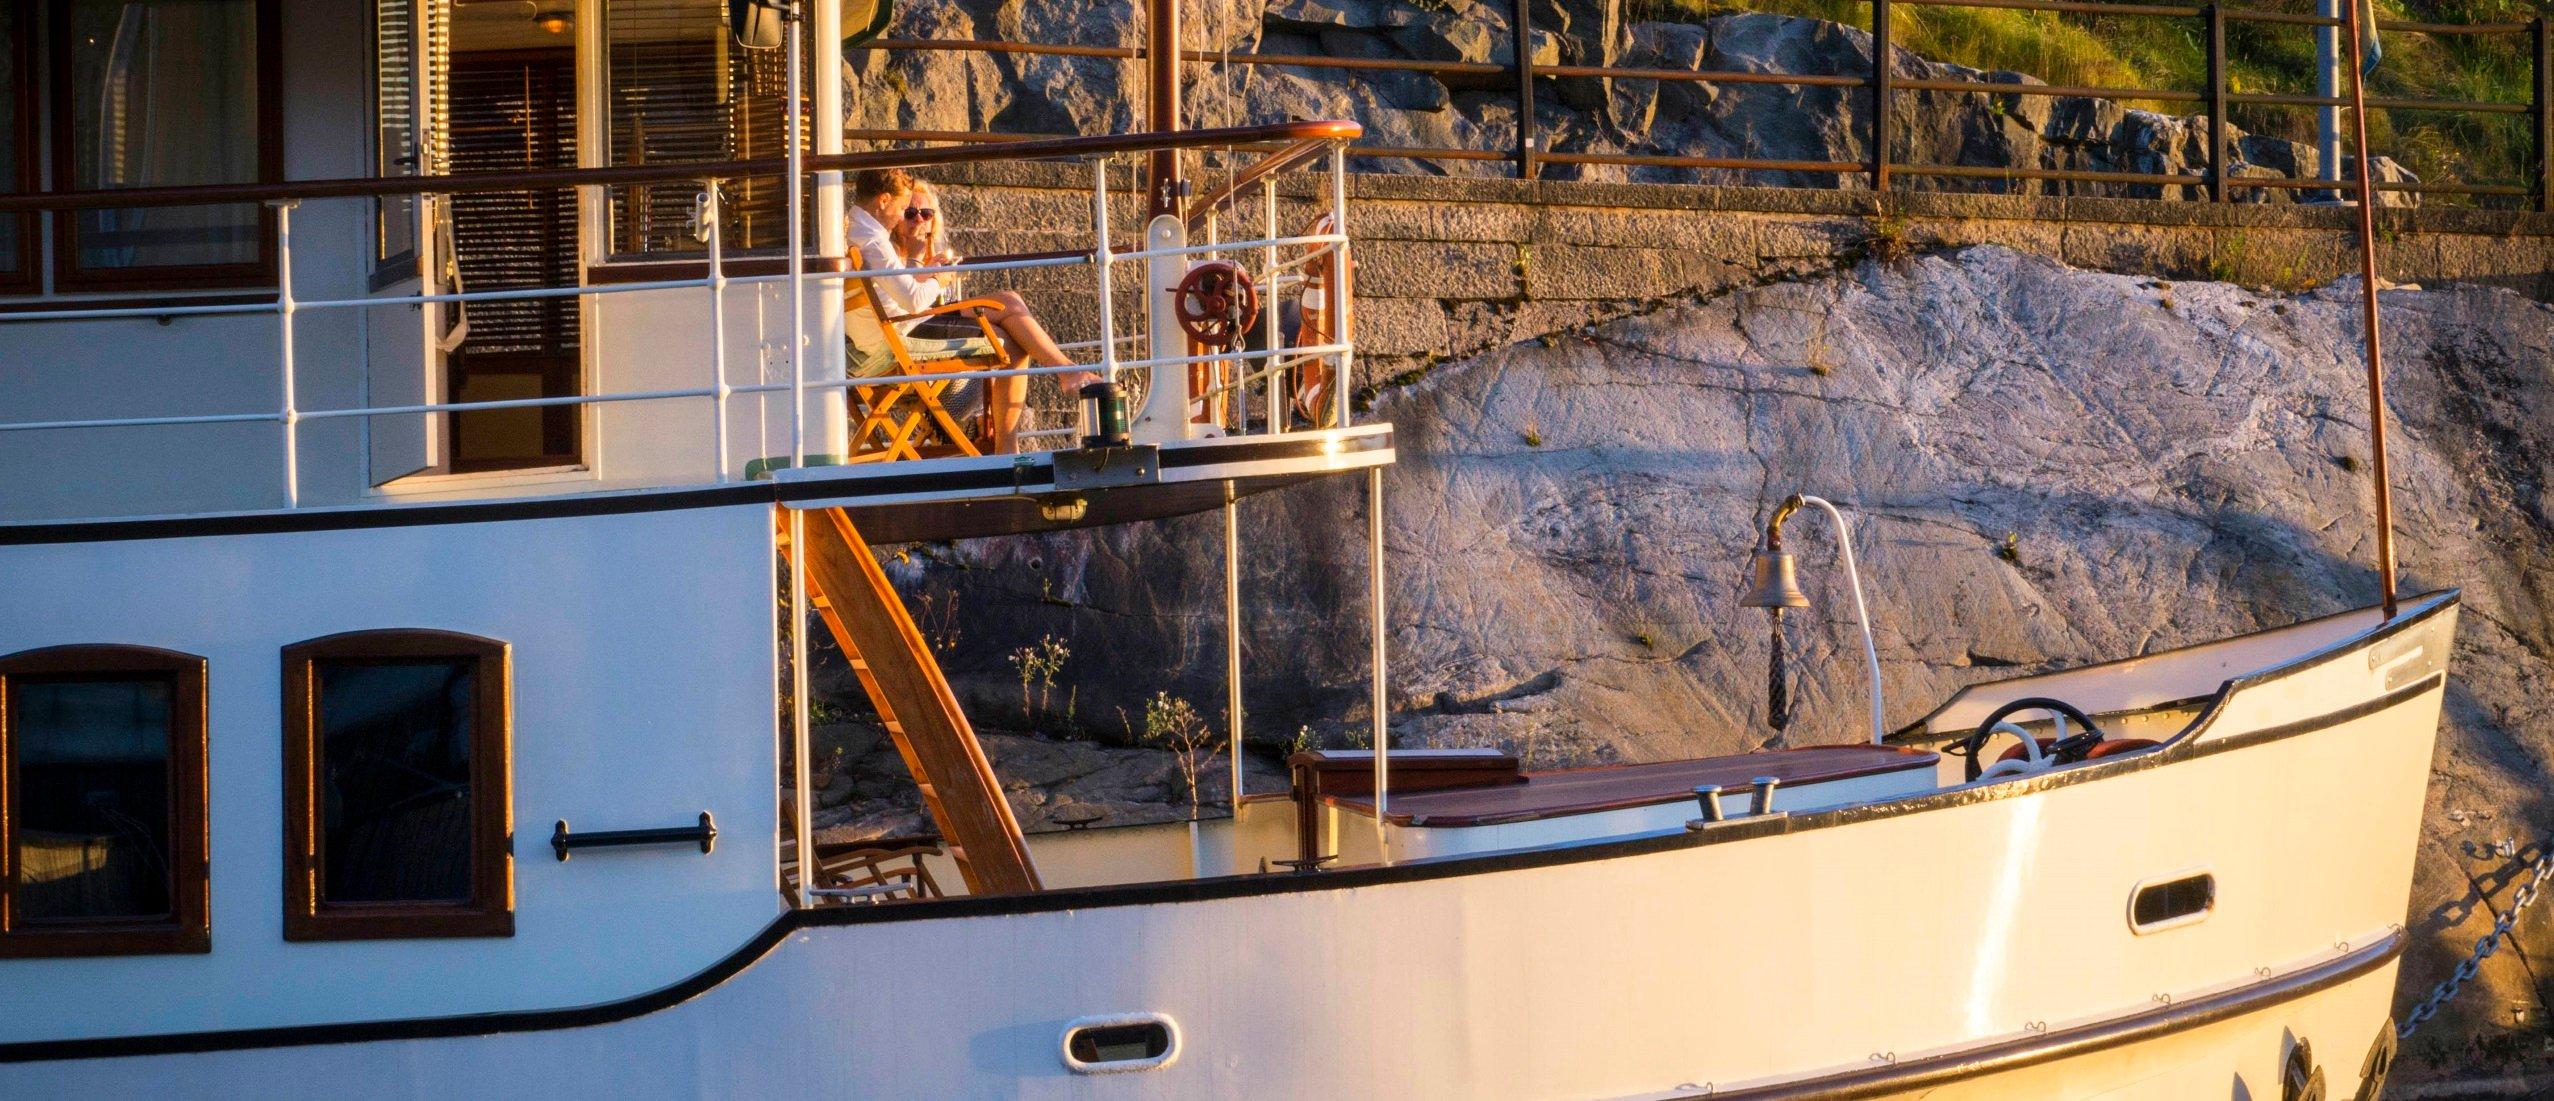 Oaxen Krog & Slip - Stockholm's charming floating hotel